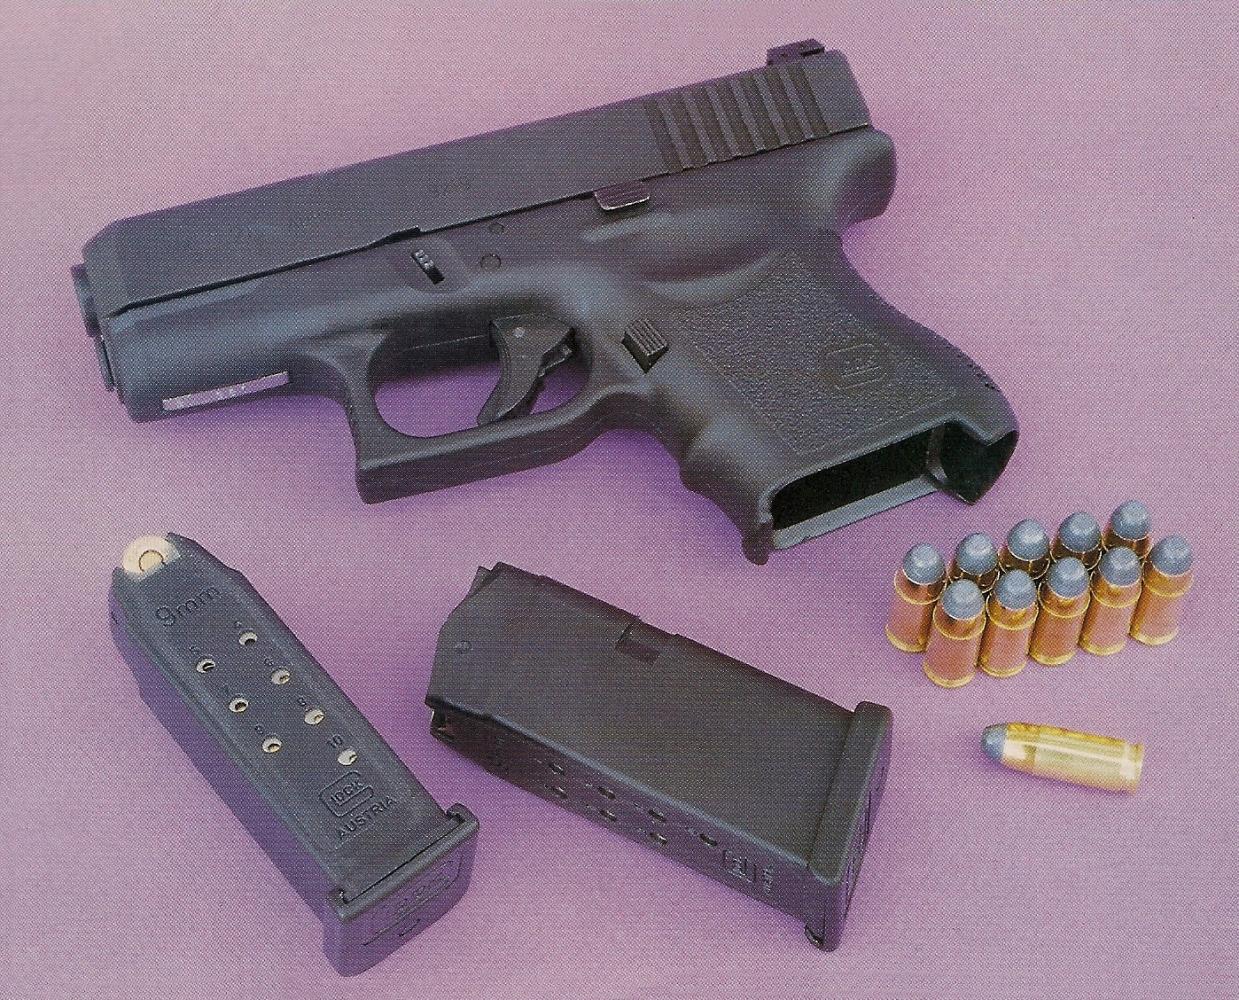 Le Glock 26 est un pistolet ultra-compact de type « back-up » chambré en calibre 9 mm Parabellum. Il est livré avec deux chargeurs de 10 coups.